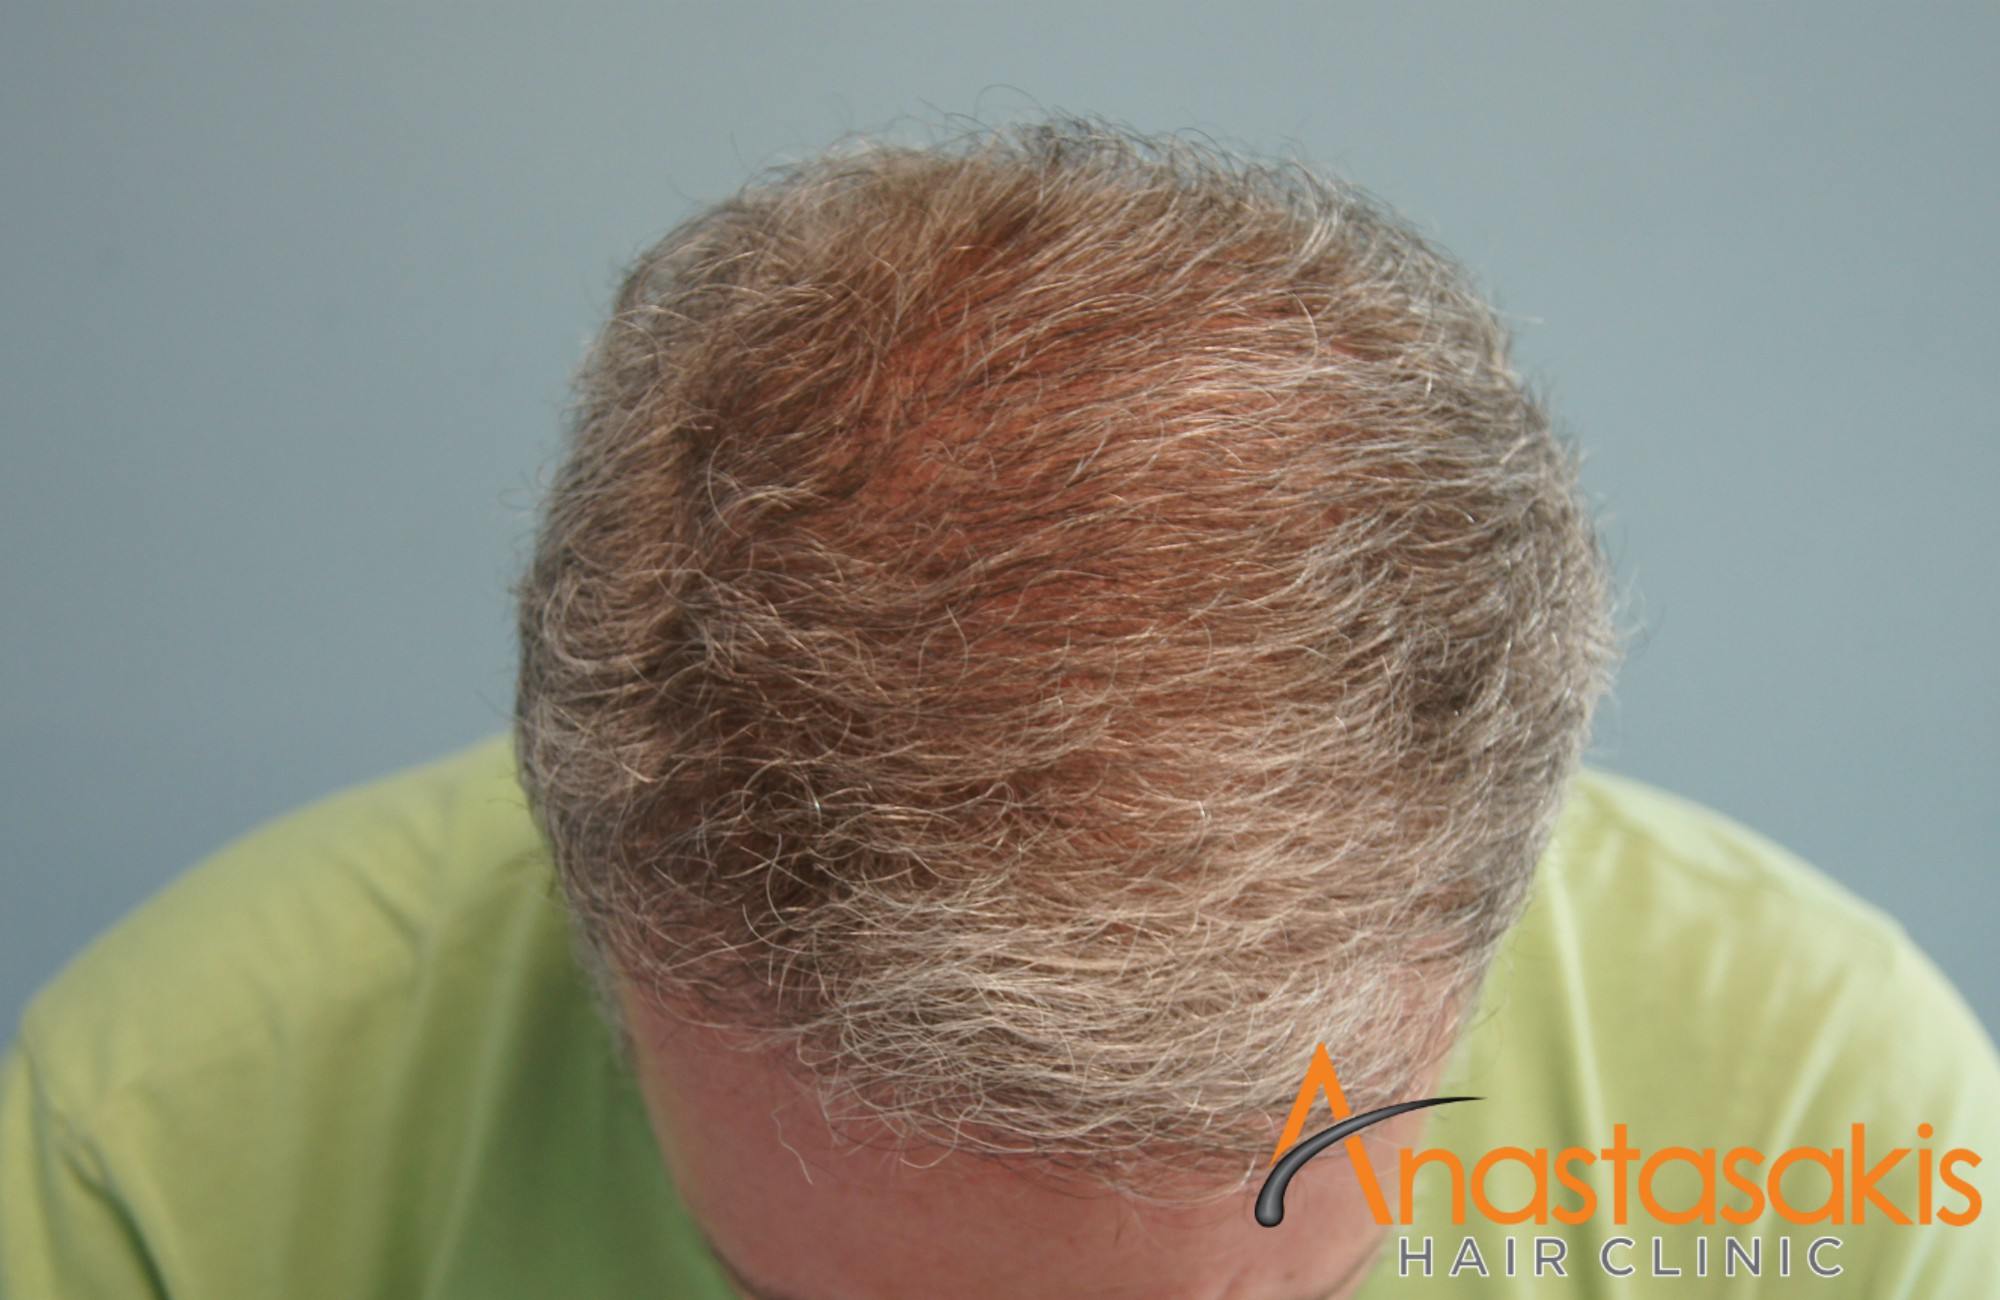 προσθια ασθενους μετα τη μεταμοσχευση μαλλιων με 2500 fus